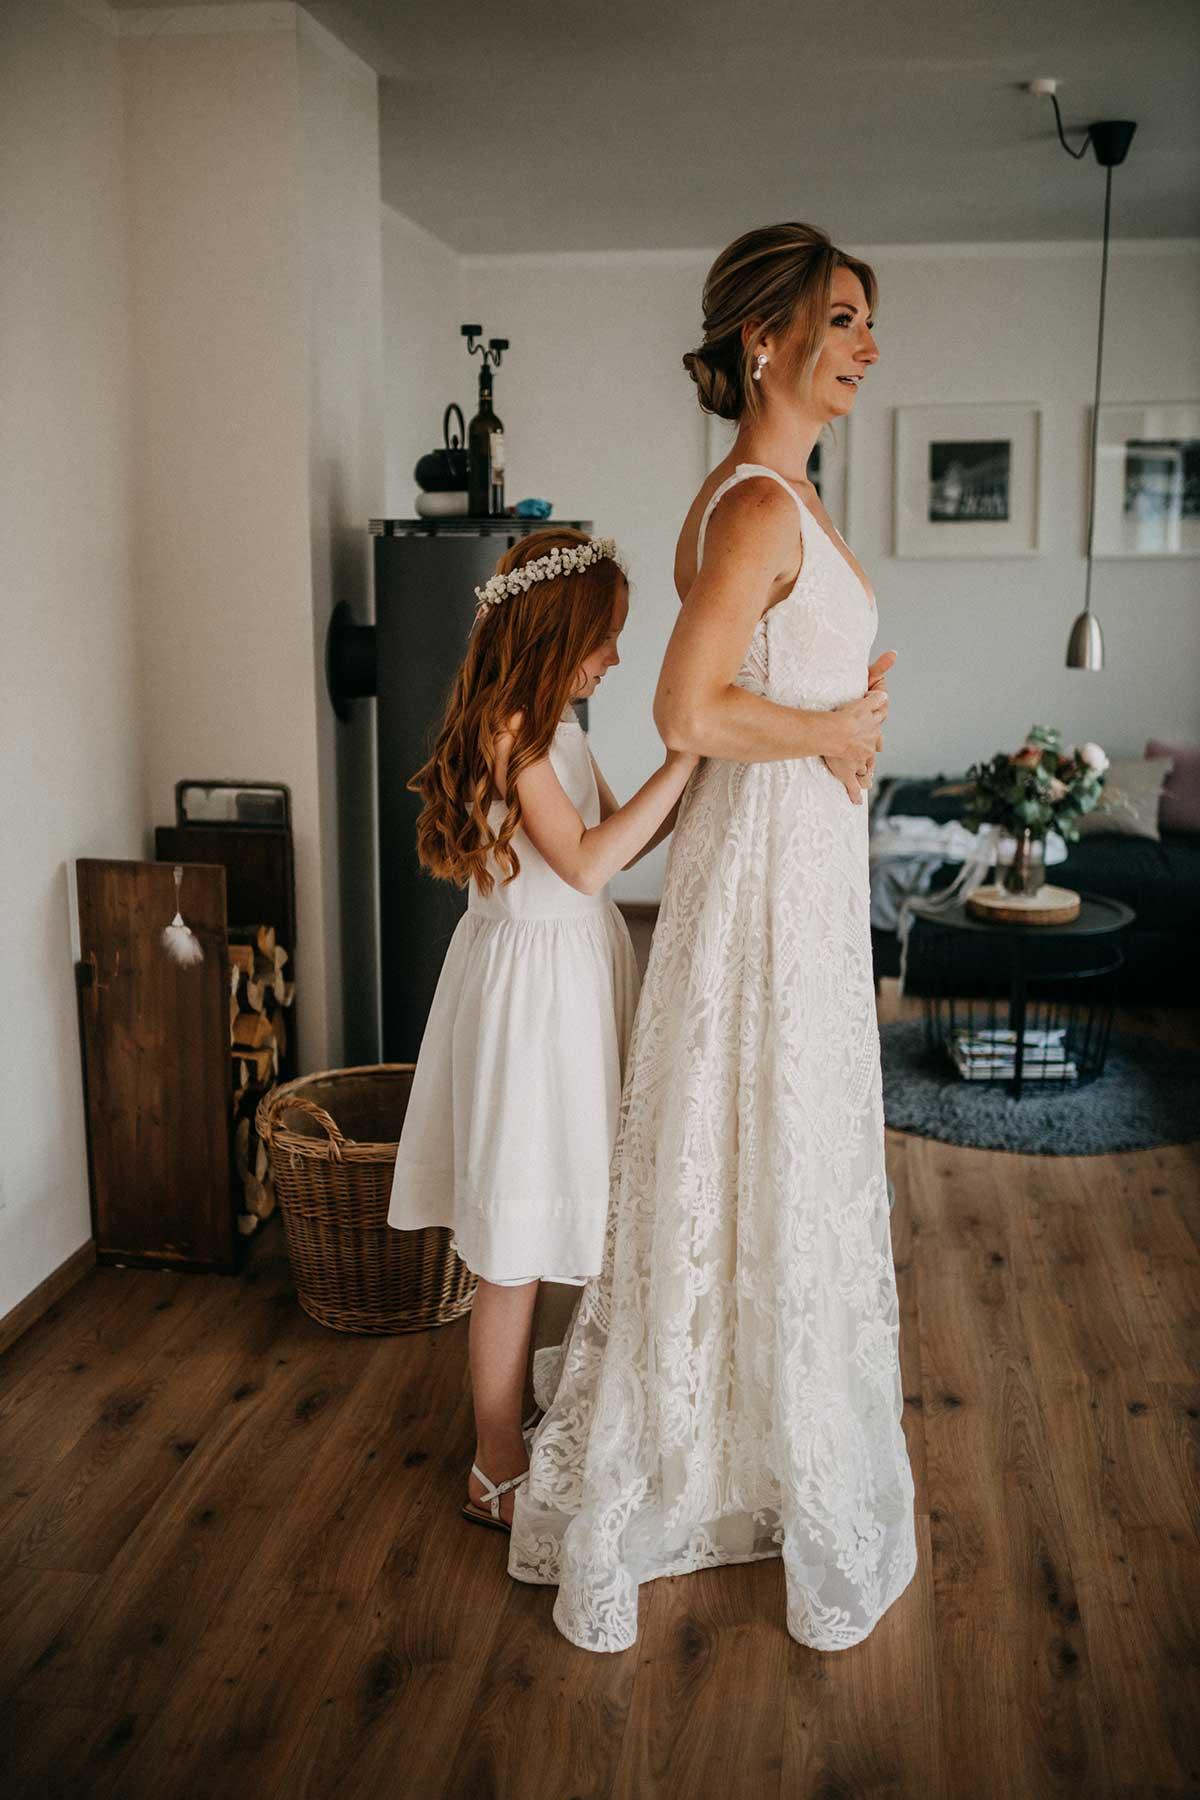 Tochter hilft der Mutter beim Anziehen des Brautkleids